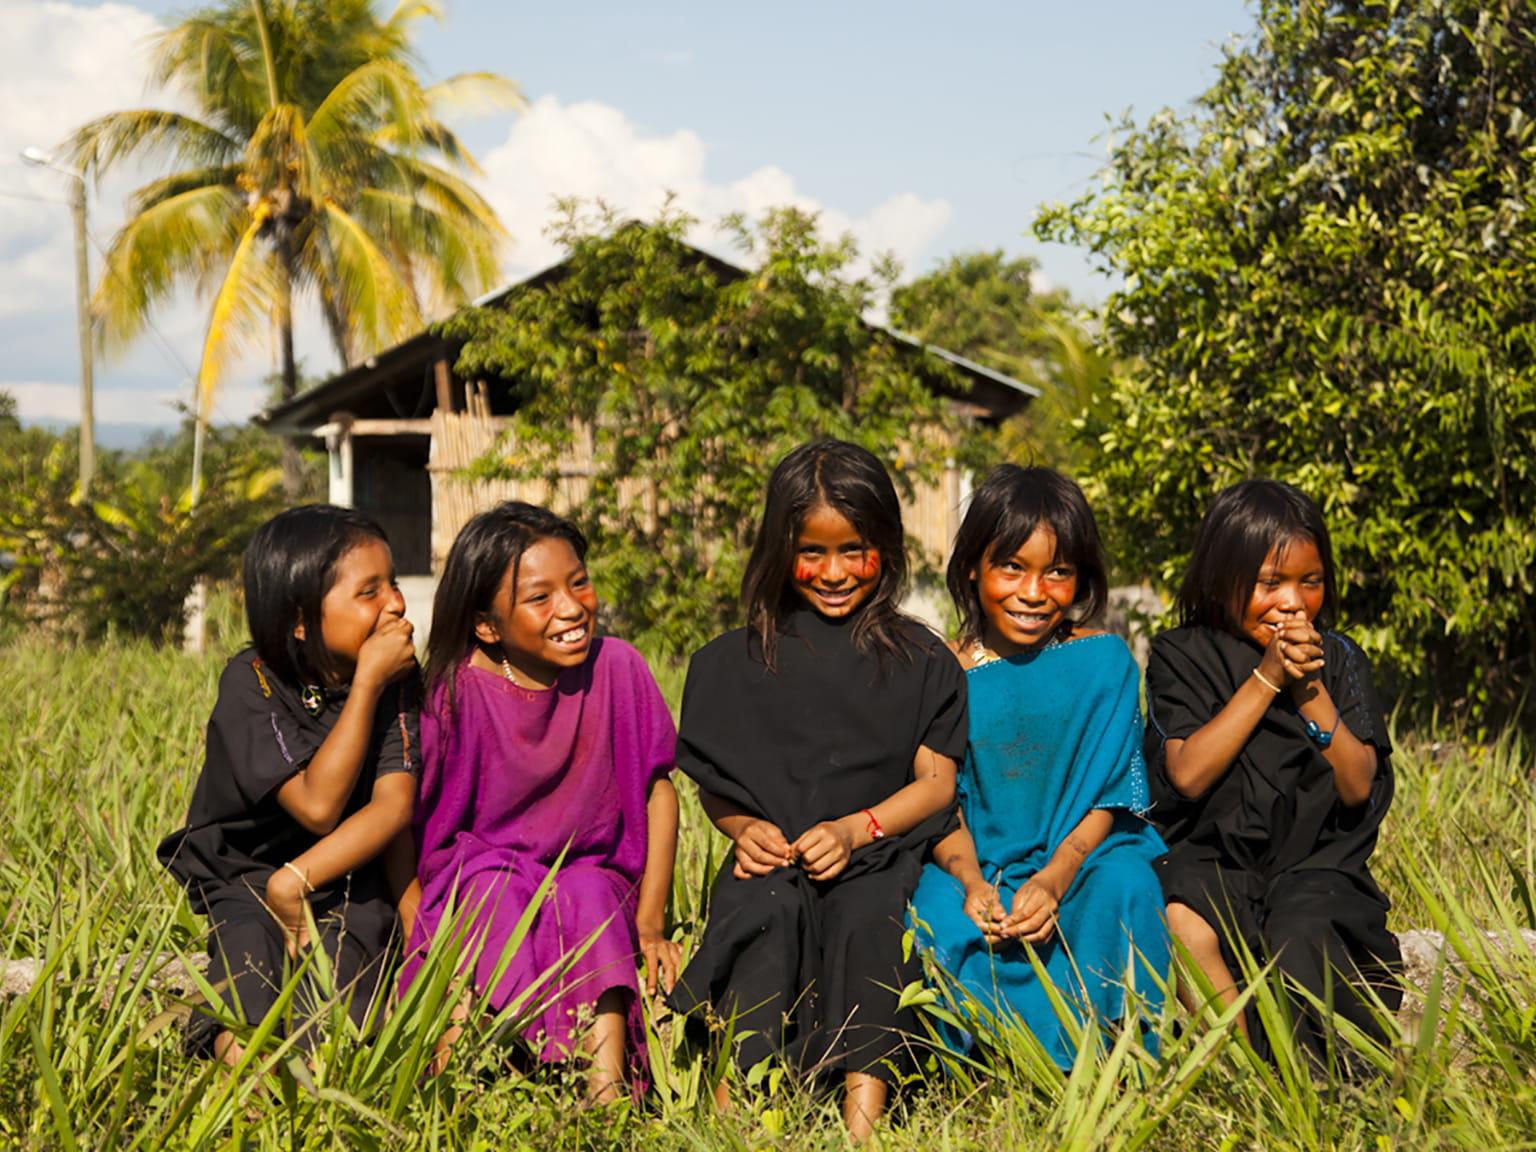 Sademetsässä asuvia lapsia